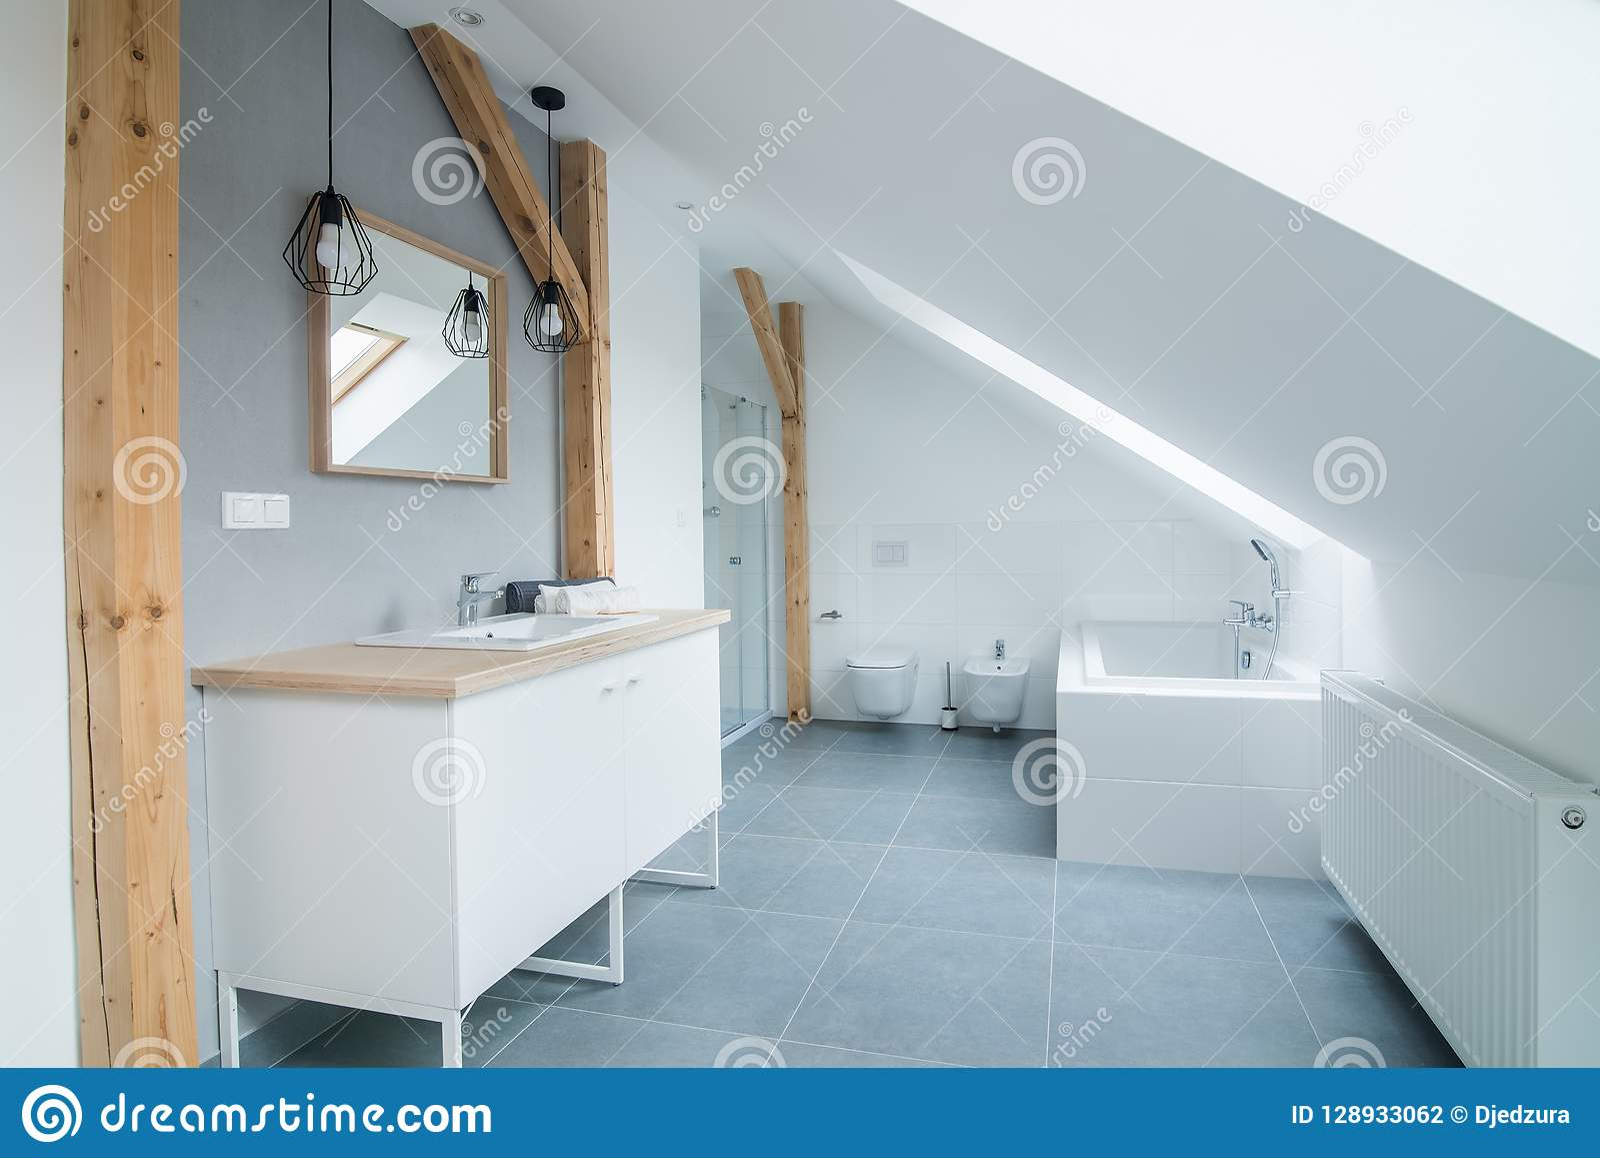 Salle De Bains Moderne Lumineuse Avec Les Murs, Le Miroir Et ...